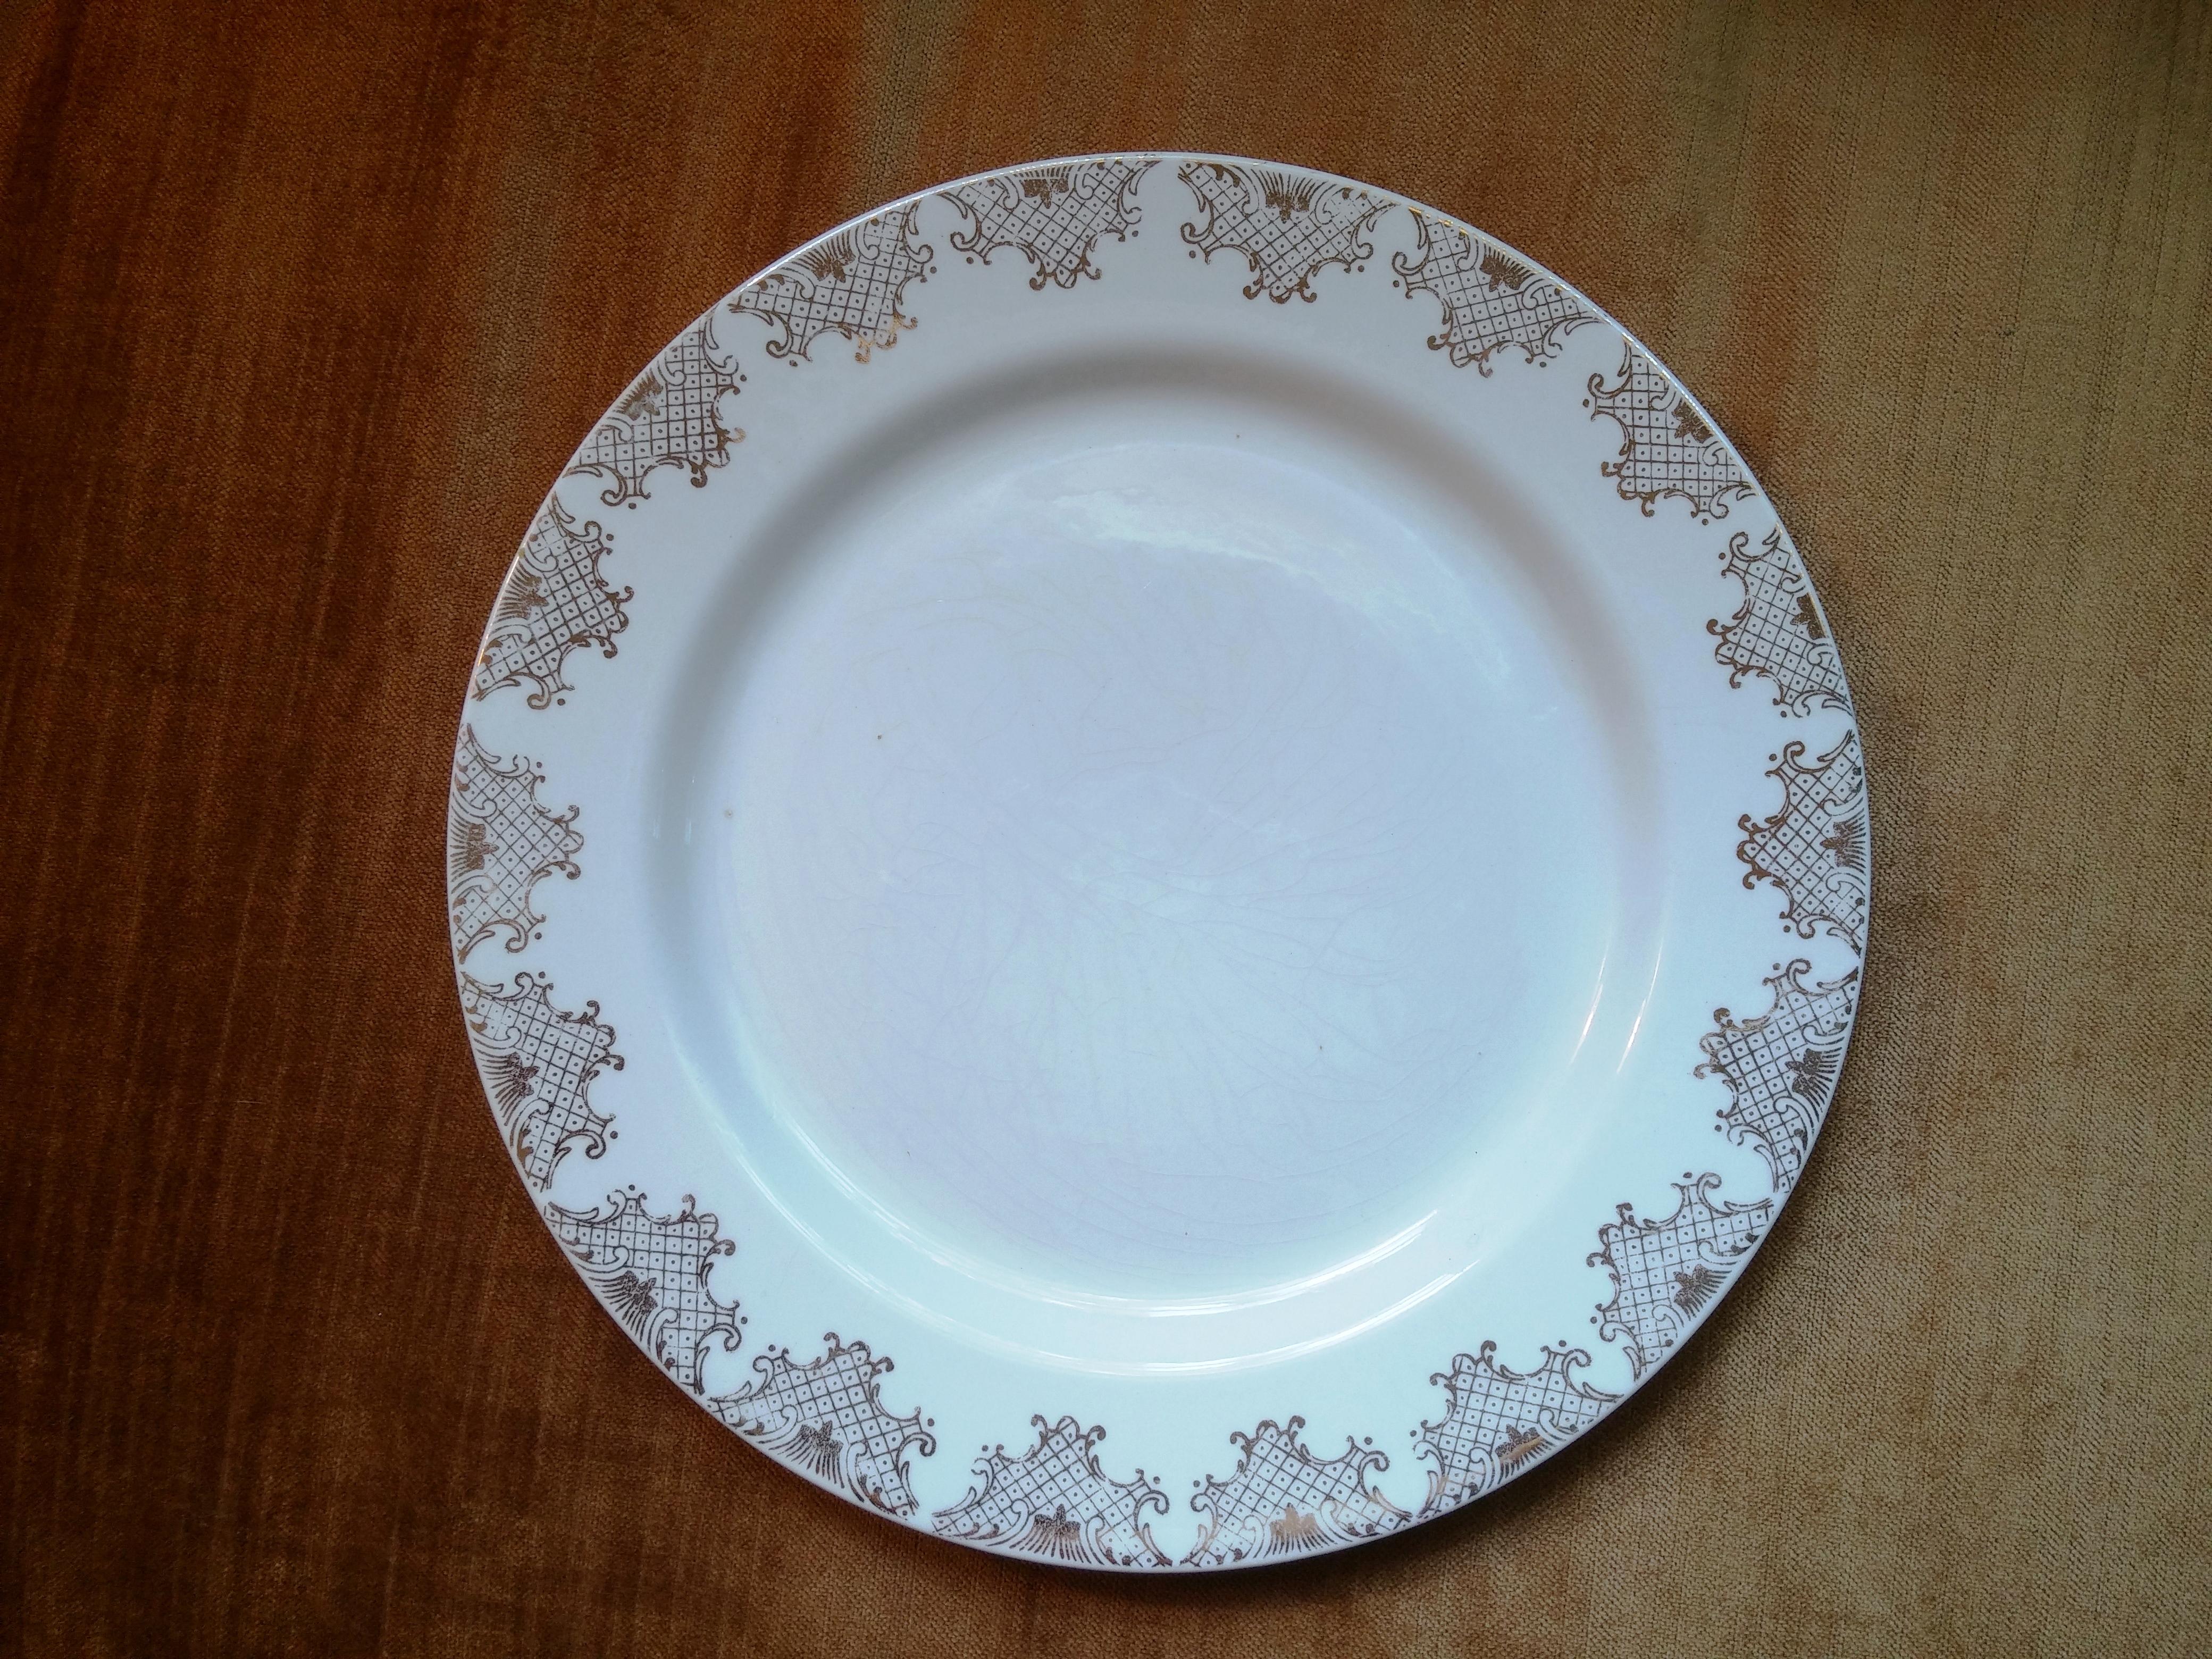 China Plate.jpg